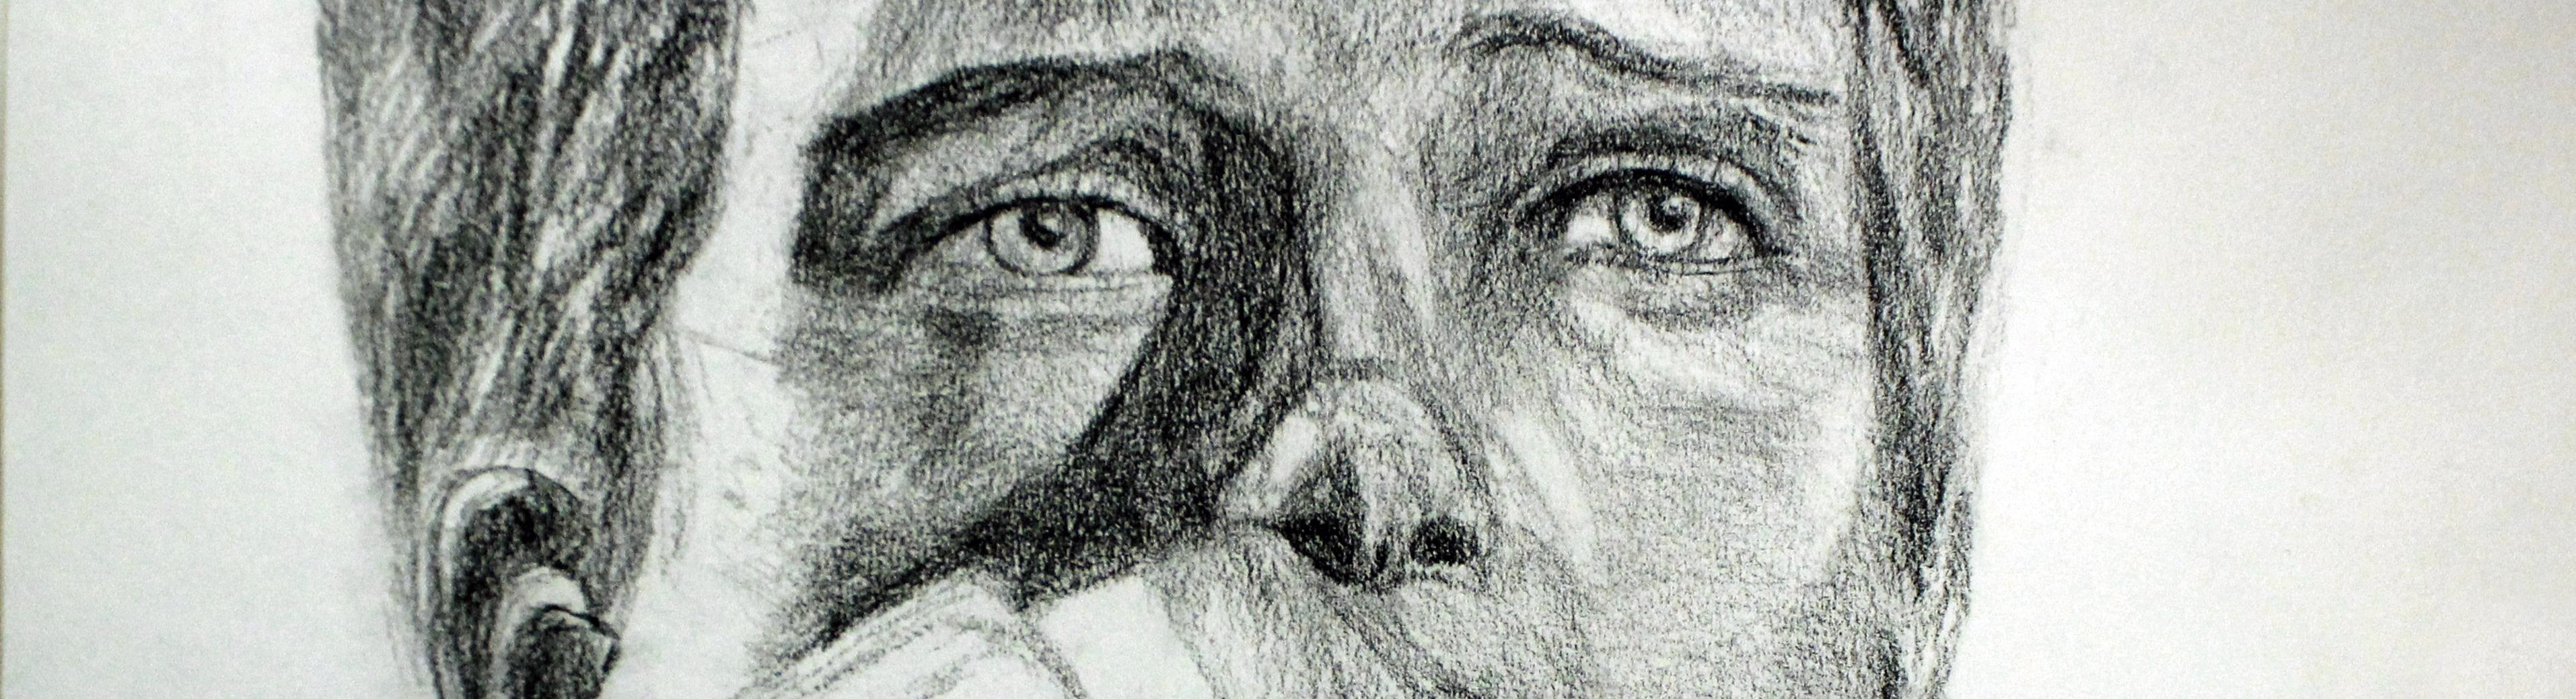 Detalle retrato II